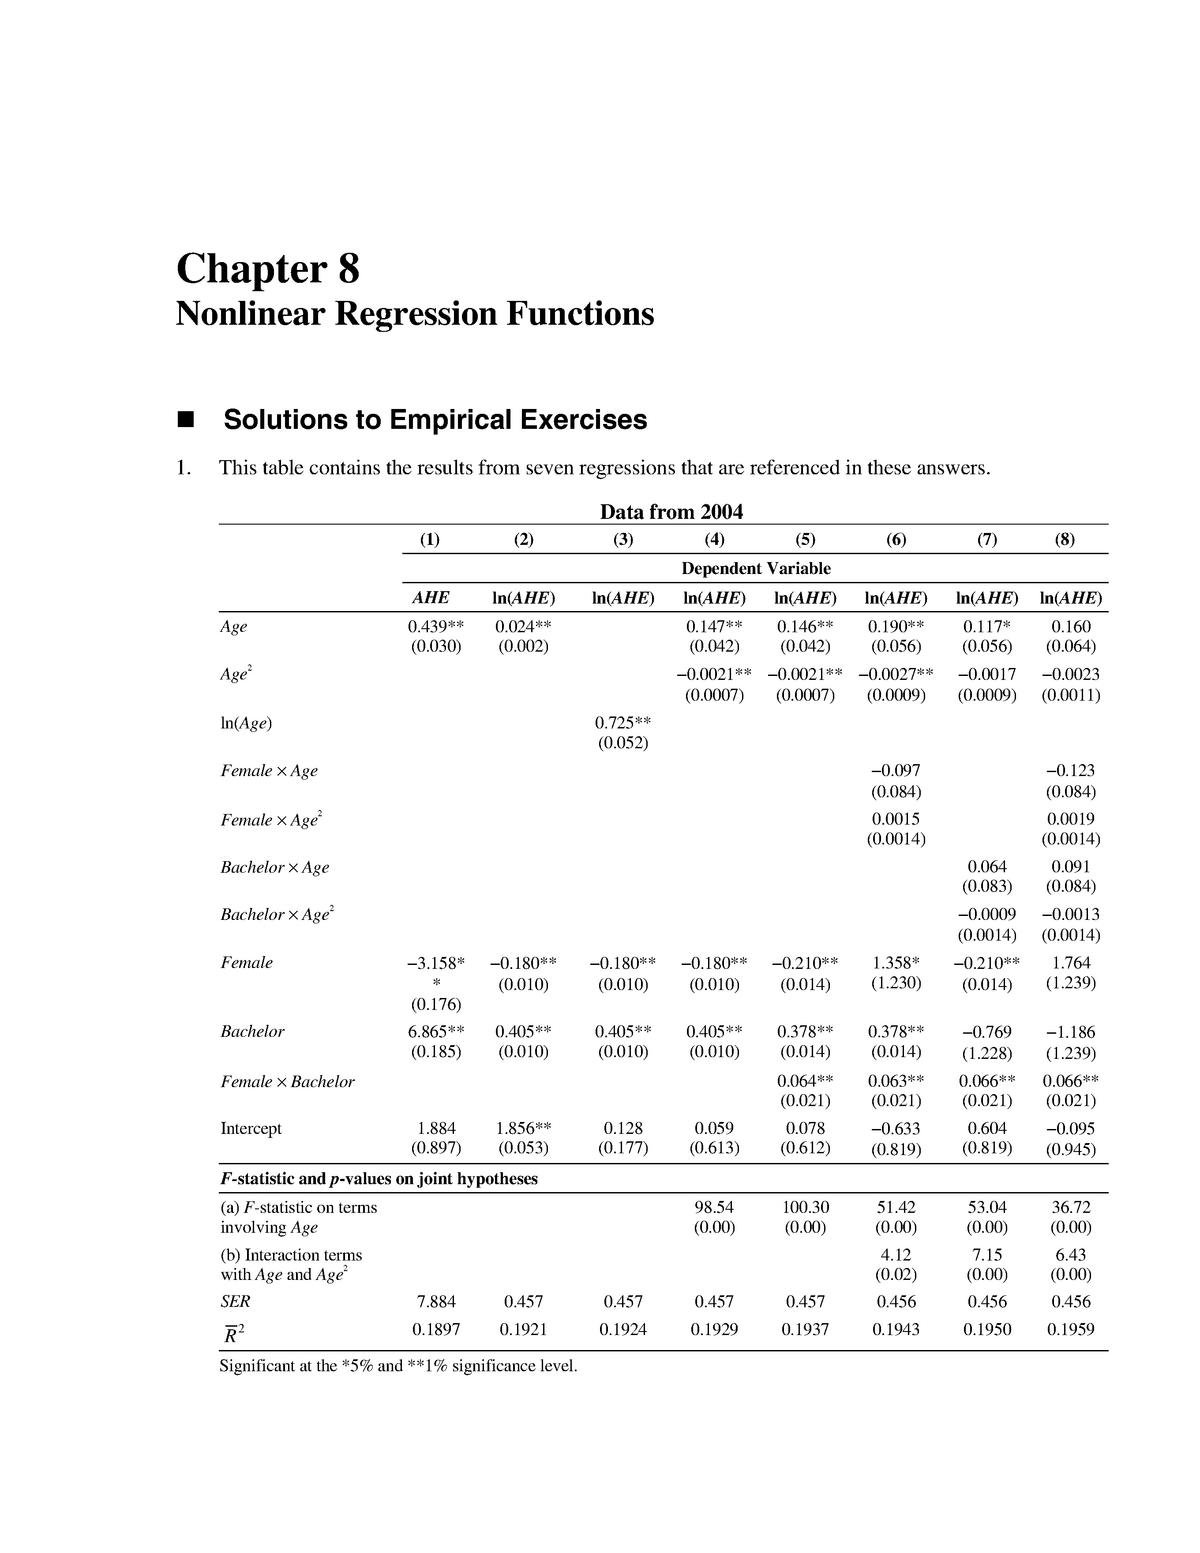 Chapter 8 Empirical Studocu